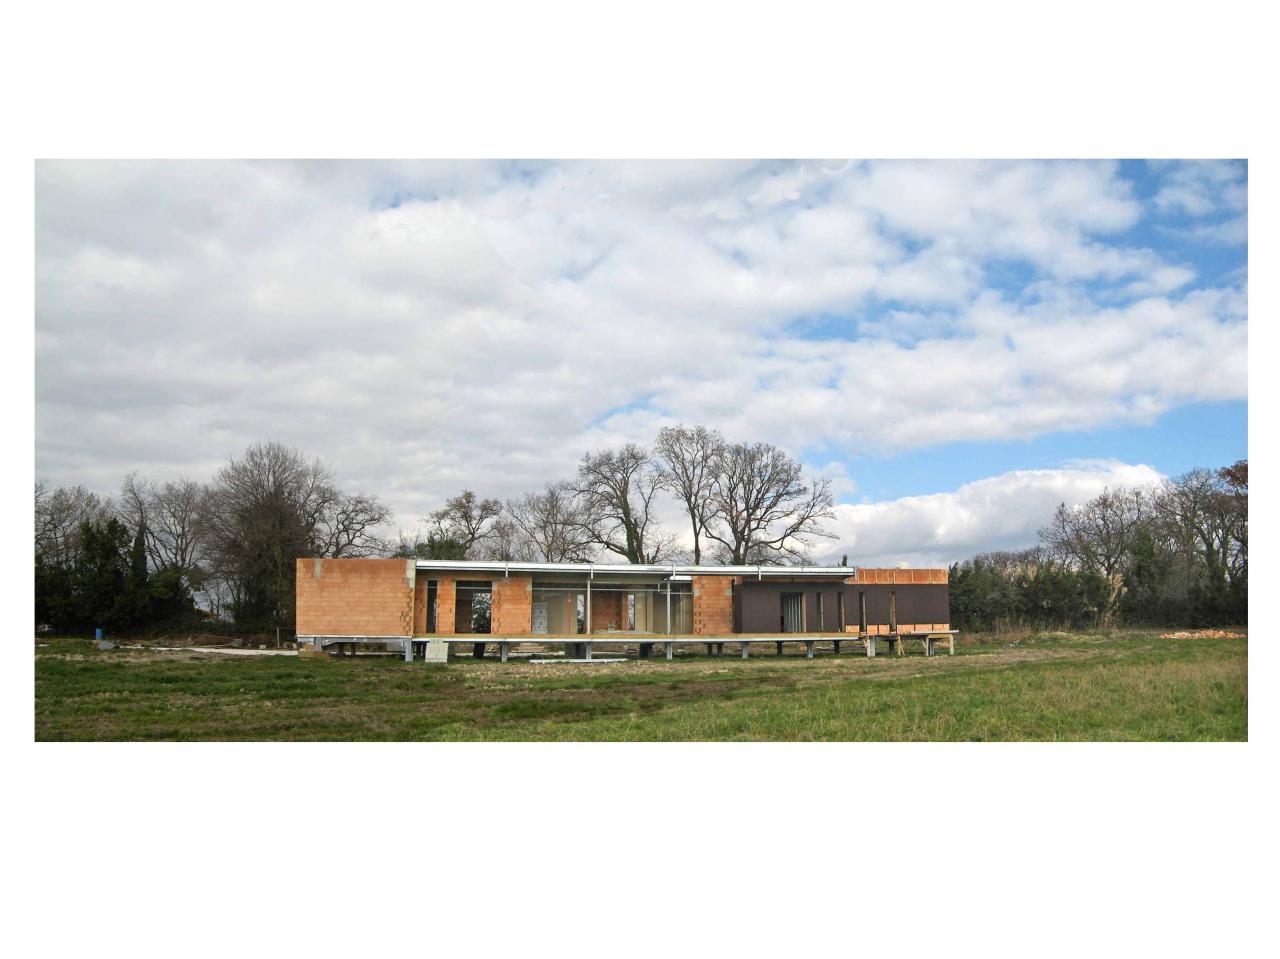 Architecture contemporaine sur pilotis : Structure Métal/Monomur/bardage bois